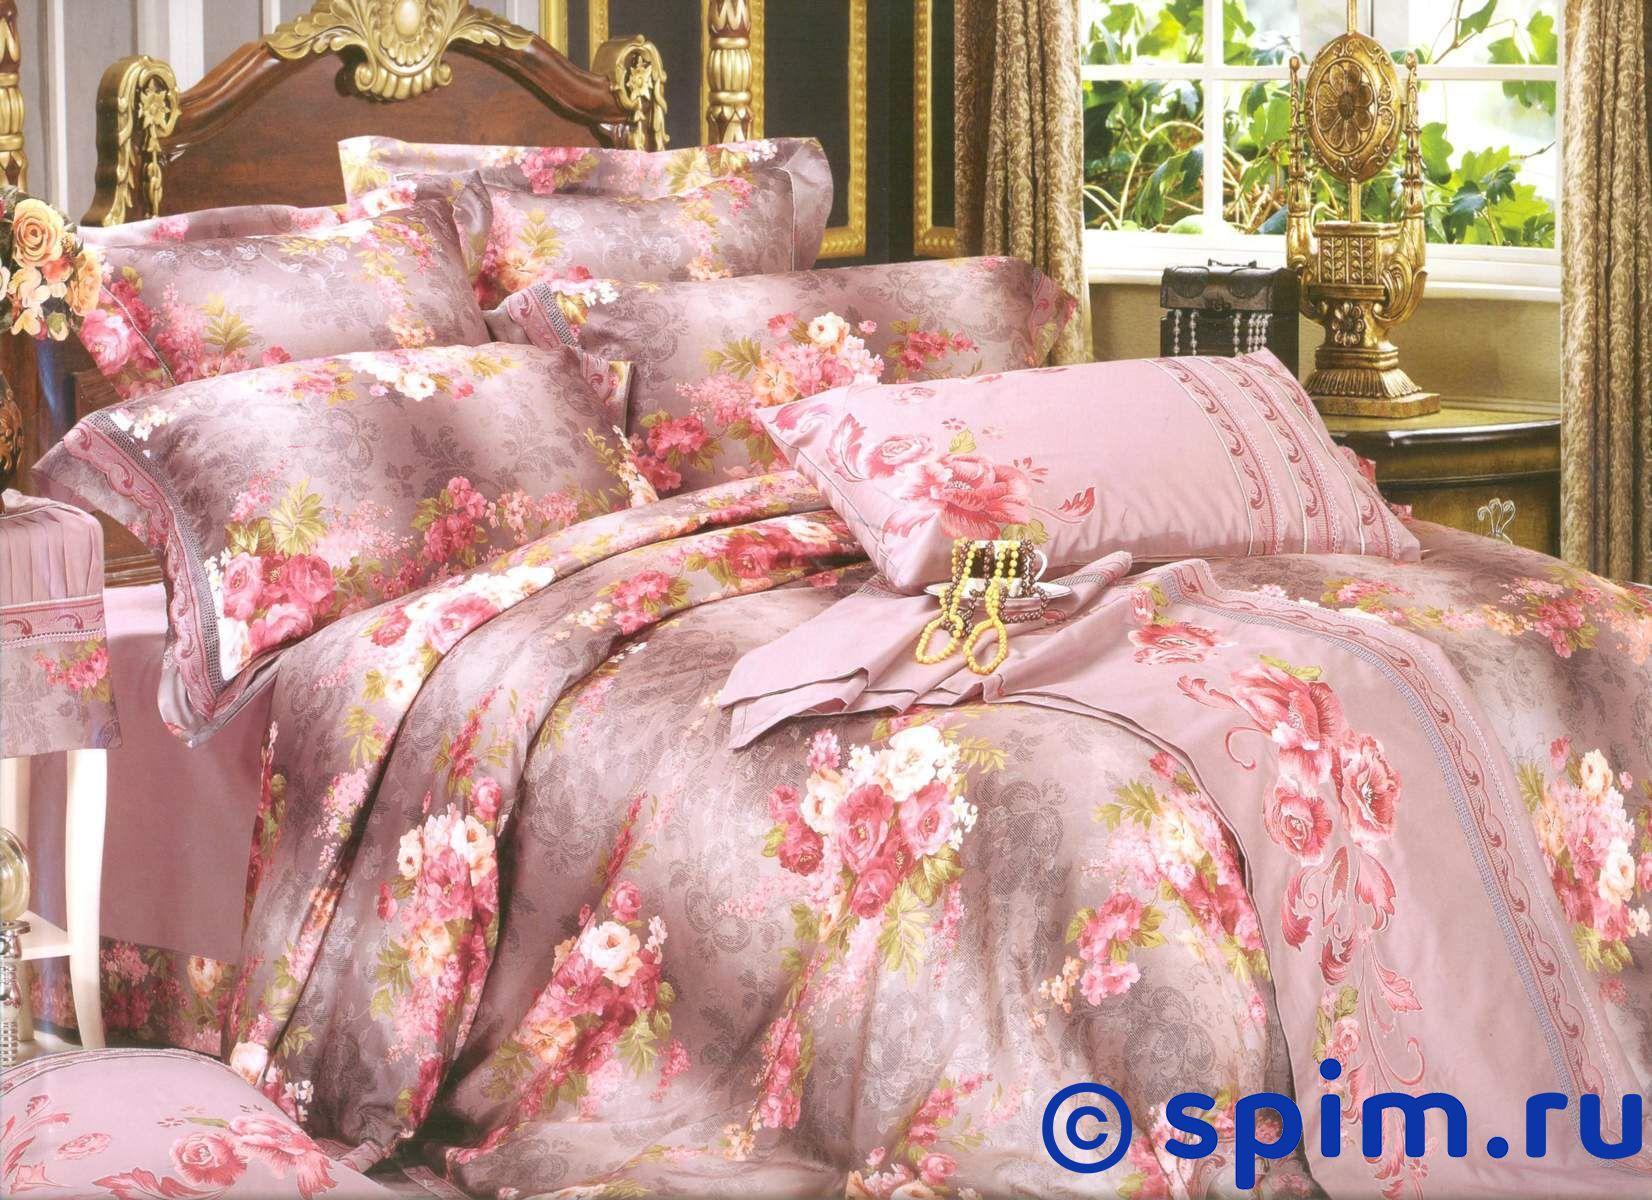 Комплект СайлиД D114 2 спальное